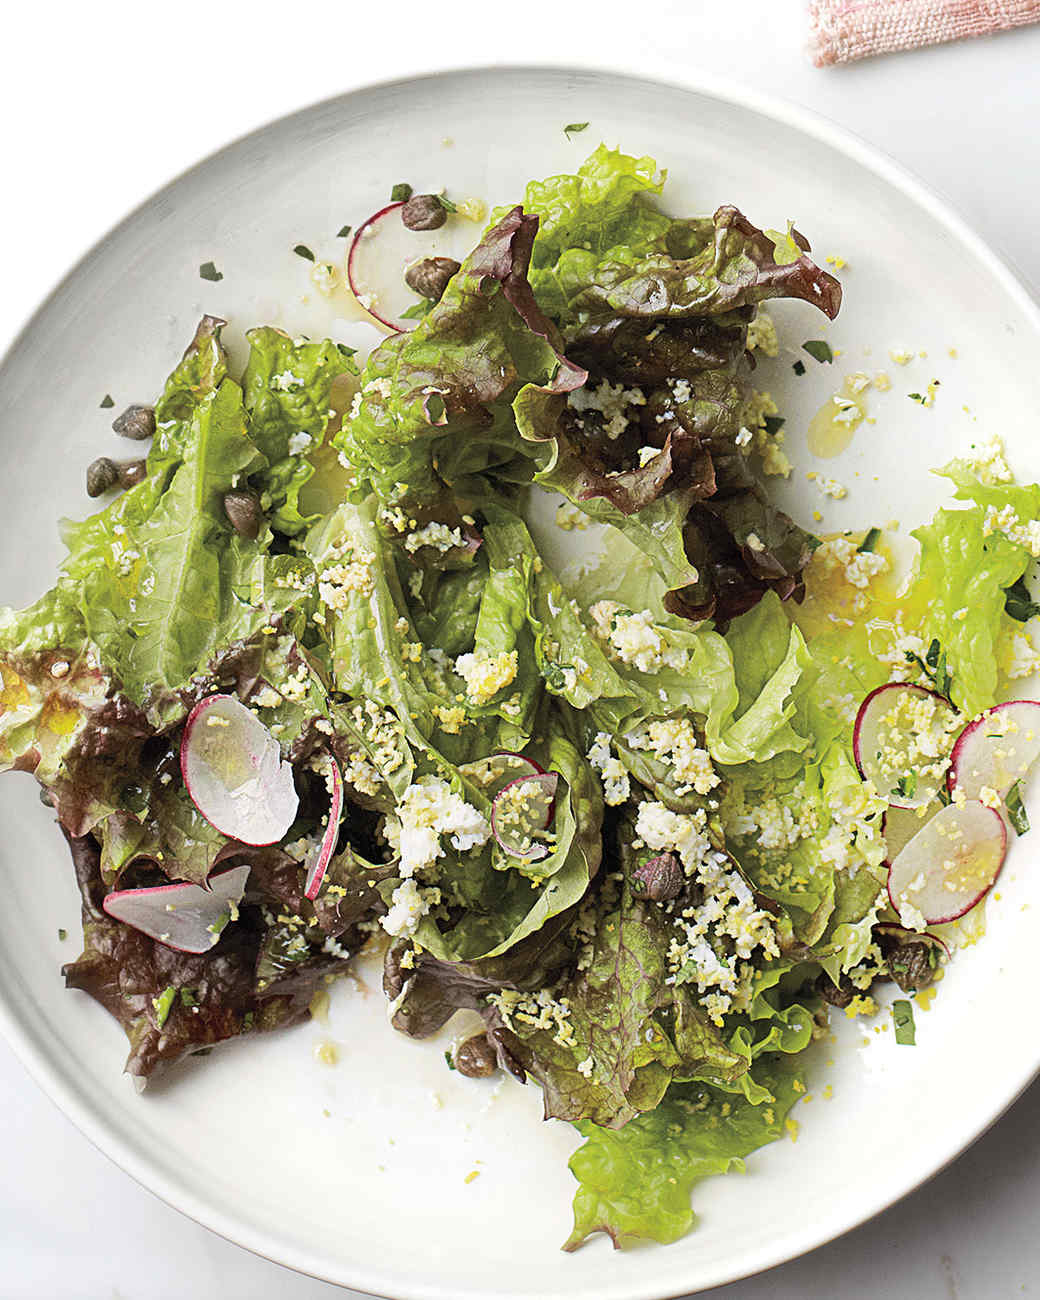 green-salad-eggs-0511med106942.jpg